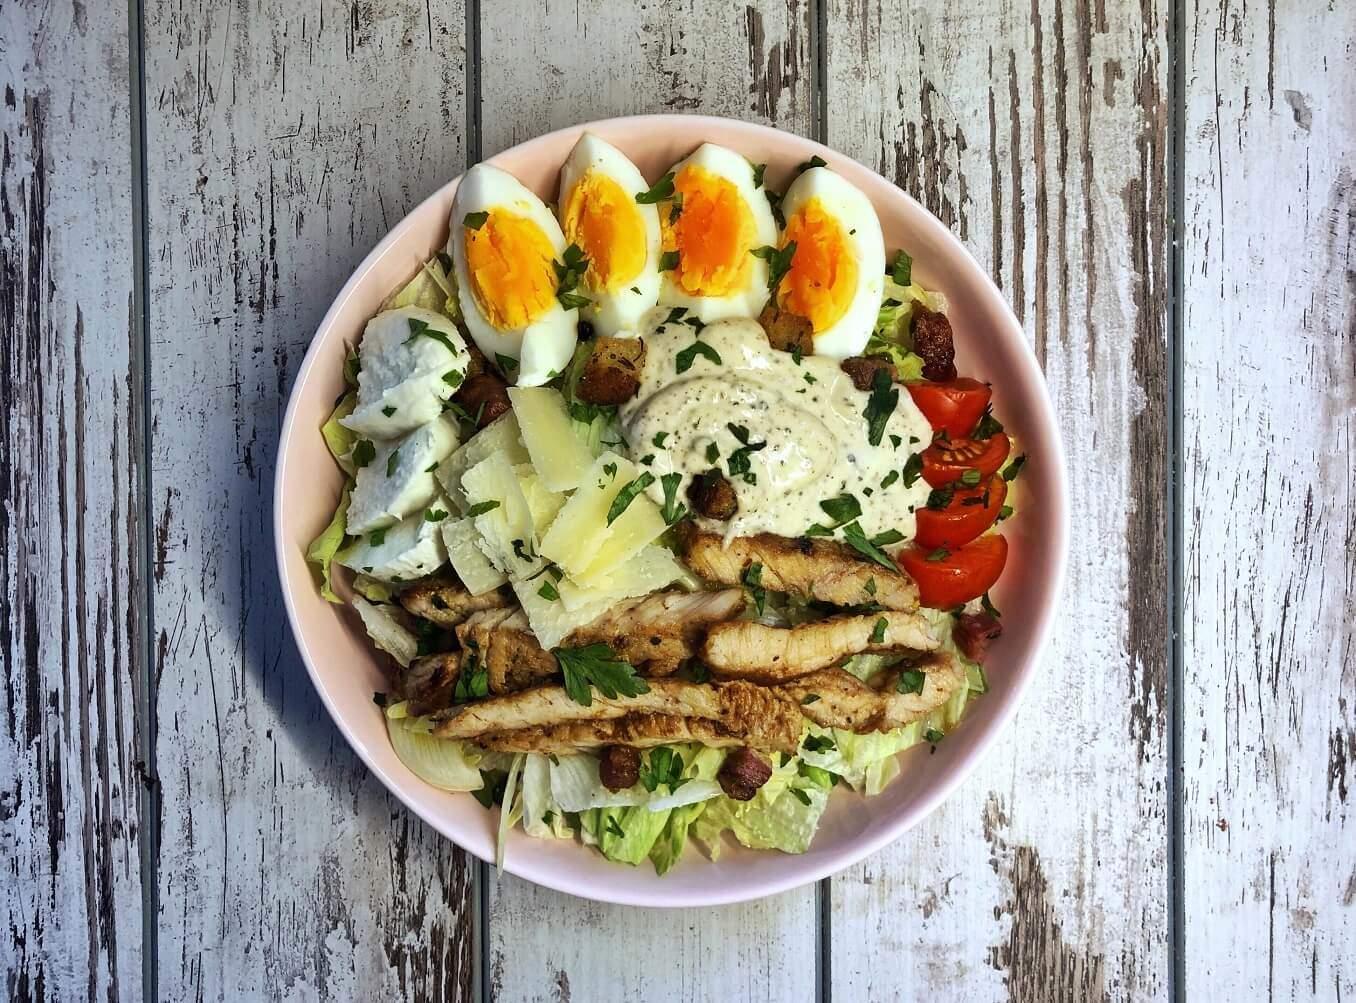 obrok salata sa ćuretinom-salata-ćuretina-preliv-dresing-obrok-ručak-jelo-recept-Iceberg Salat Centar